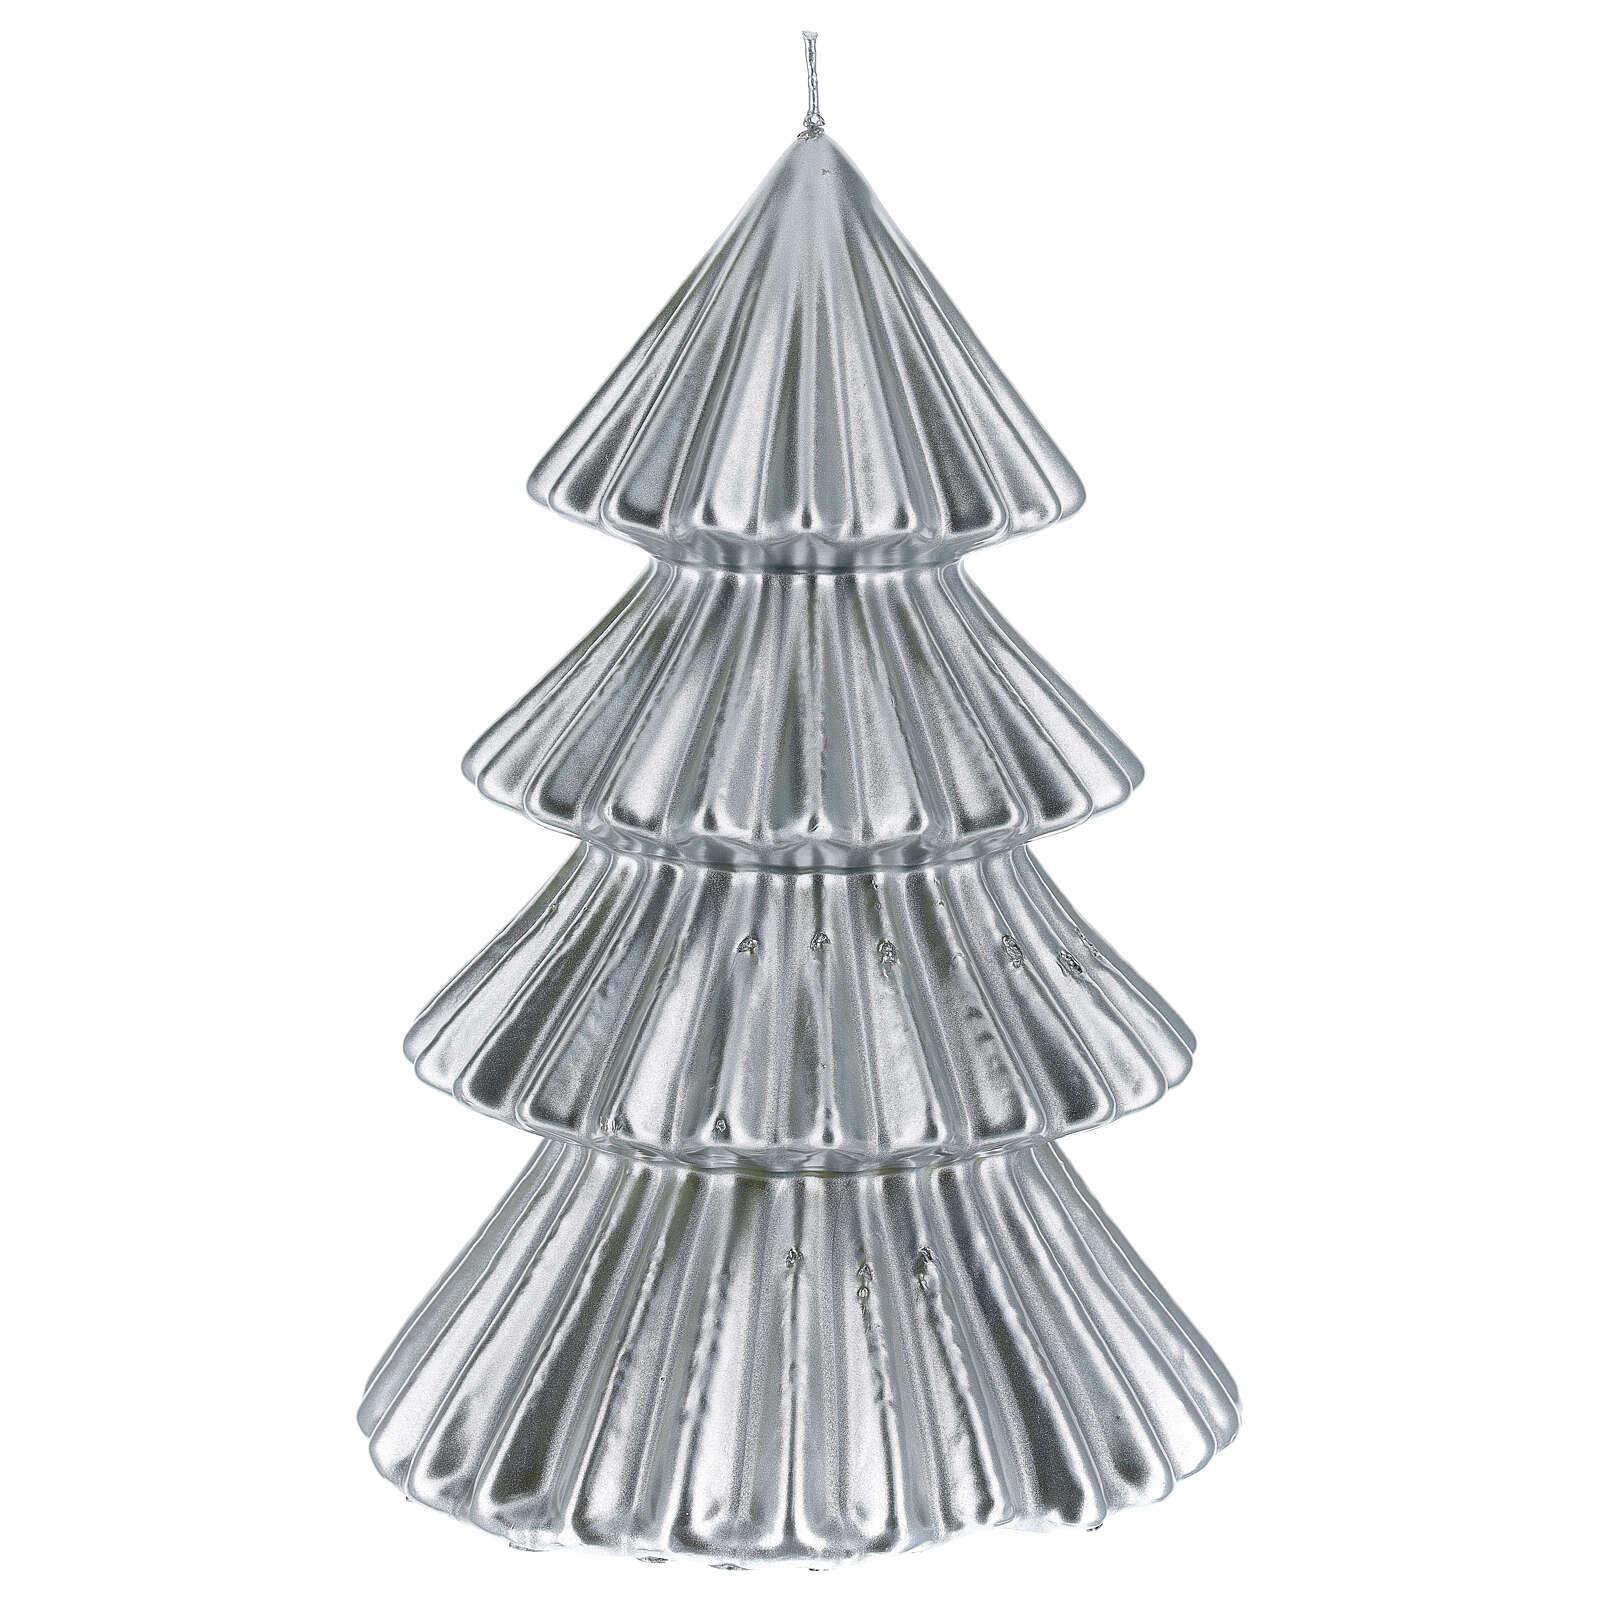 Vela de Natal árvore prateada modelo Tokyo 23 cm 3